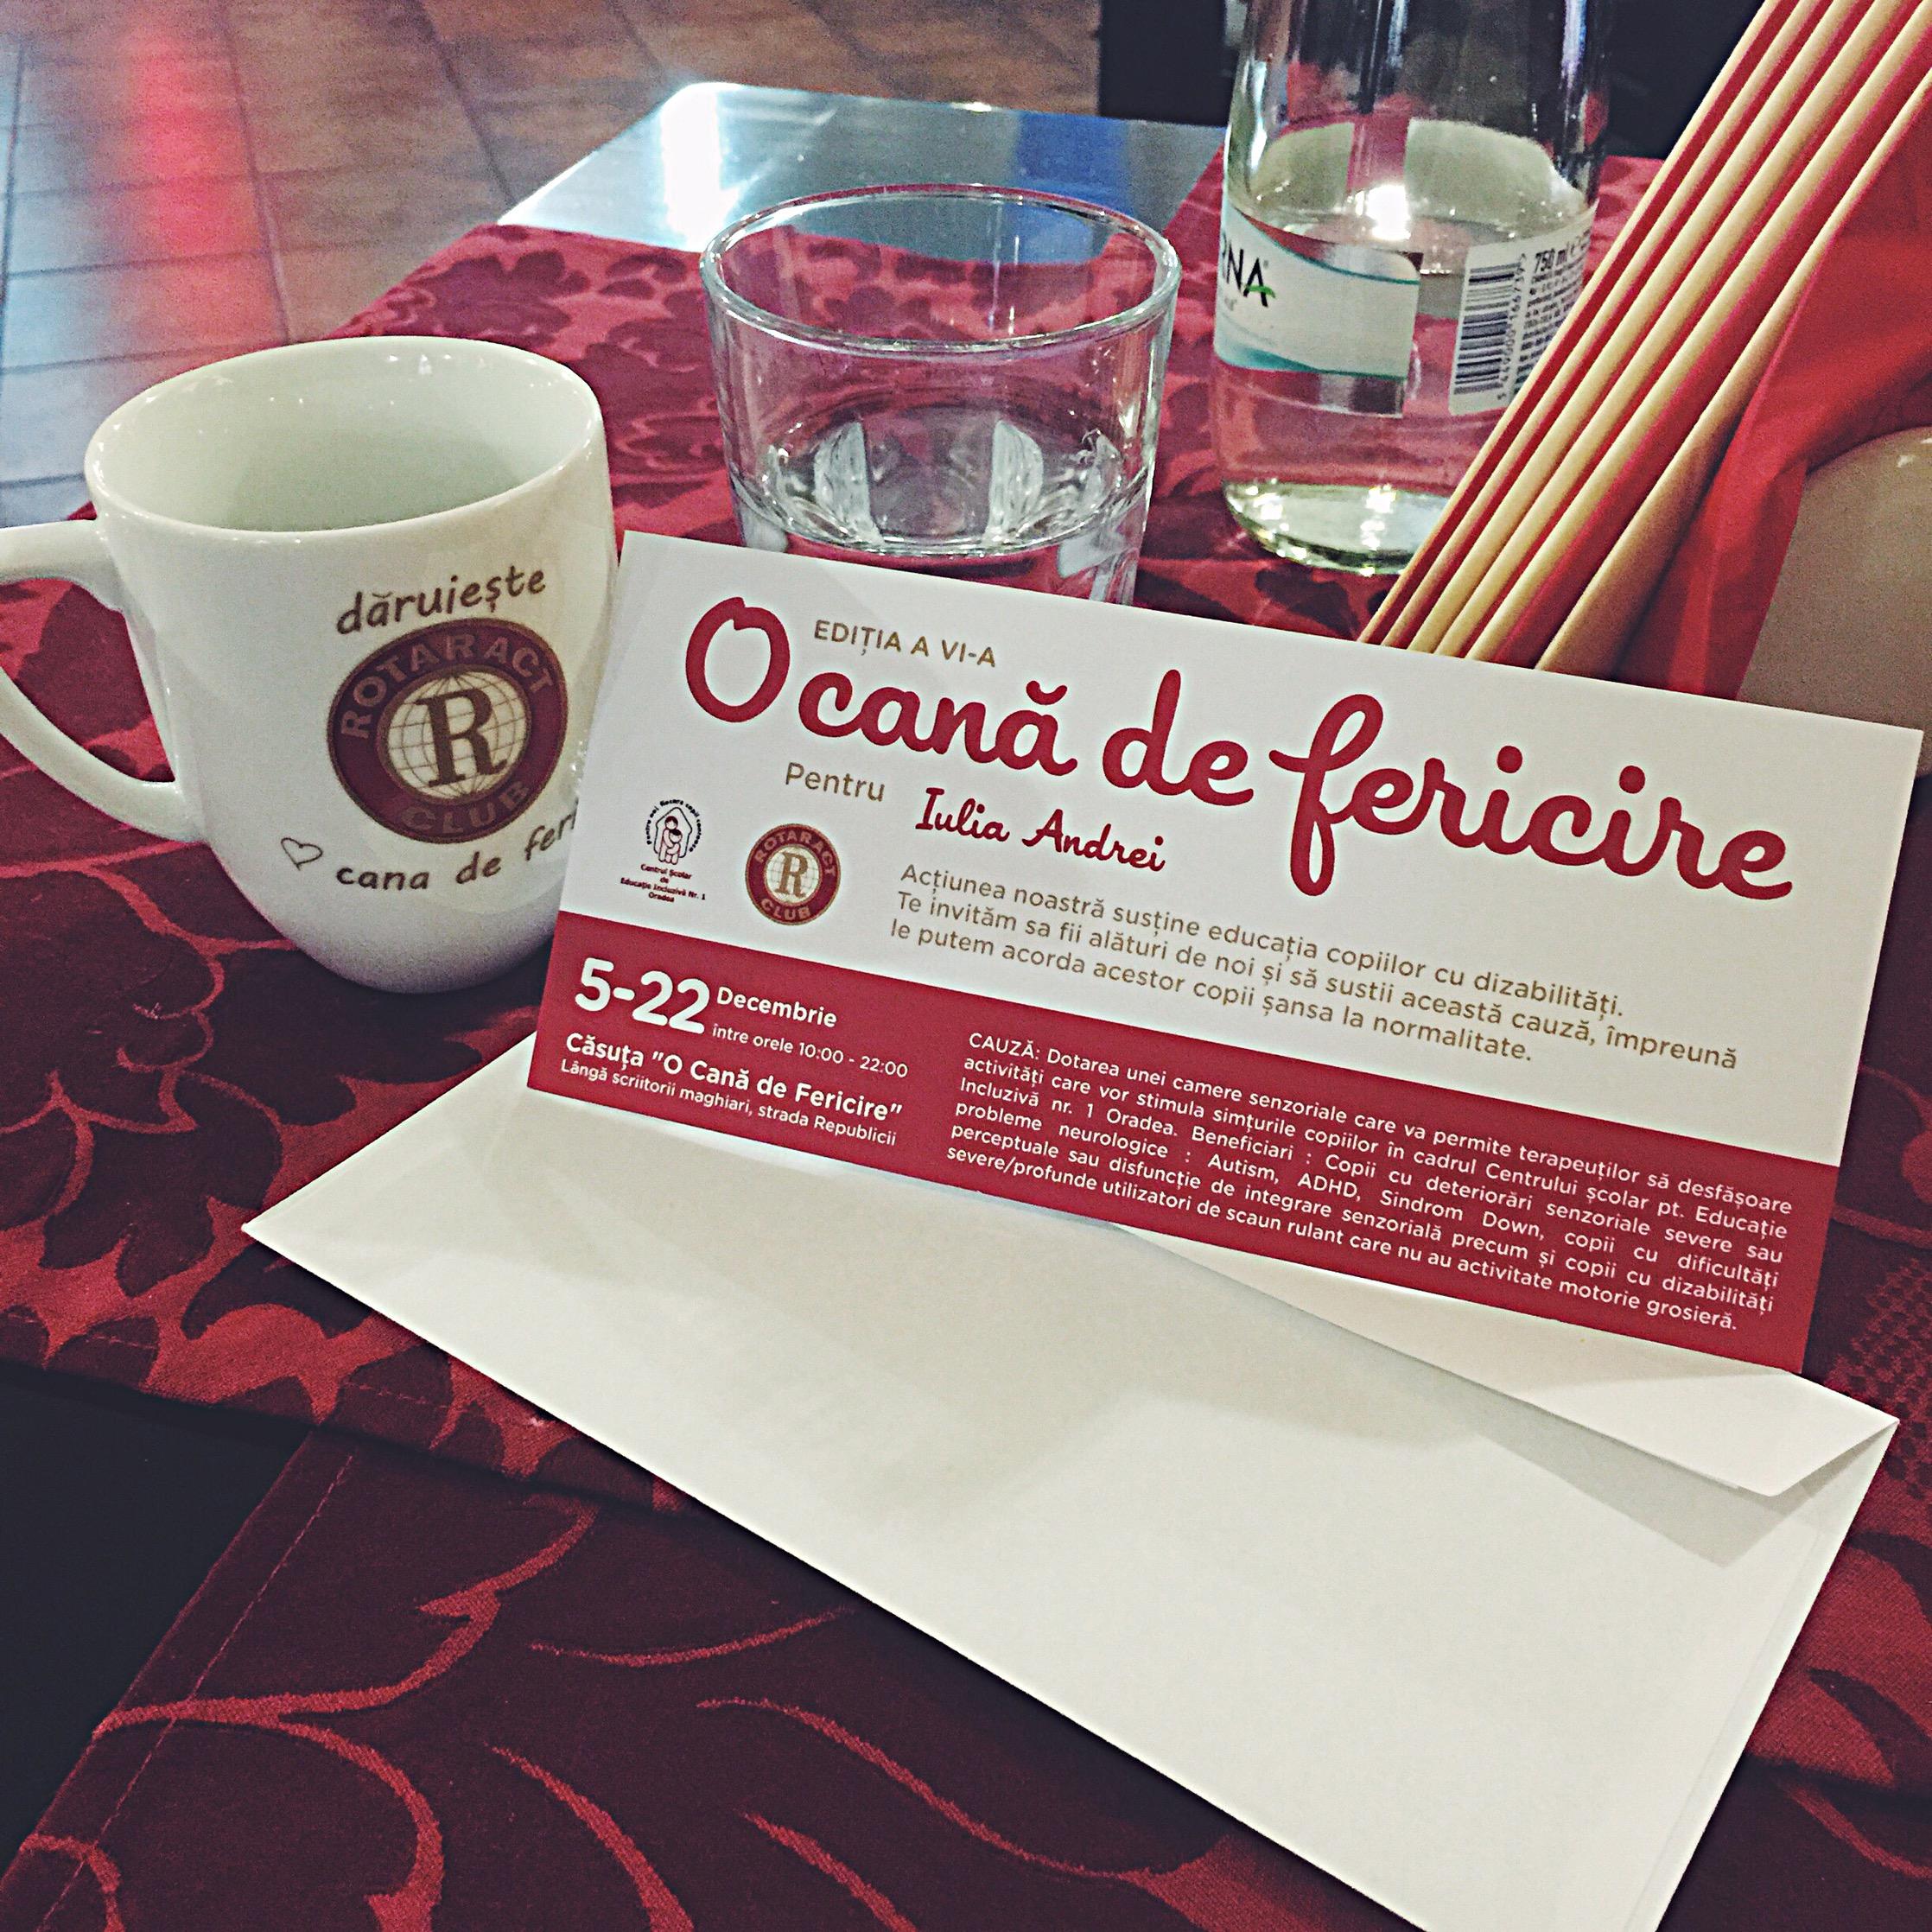 Daruieste o cana de fericire pentru copiii cu dizabilitati Iulia Andrei Fashion Blog si Rotaract Club Oradea